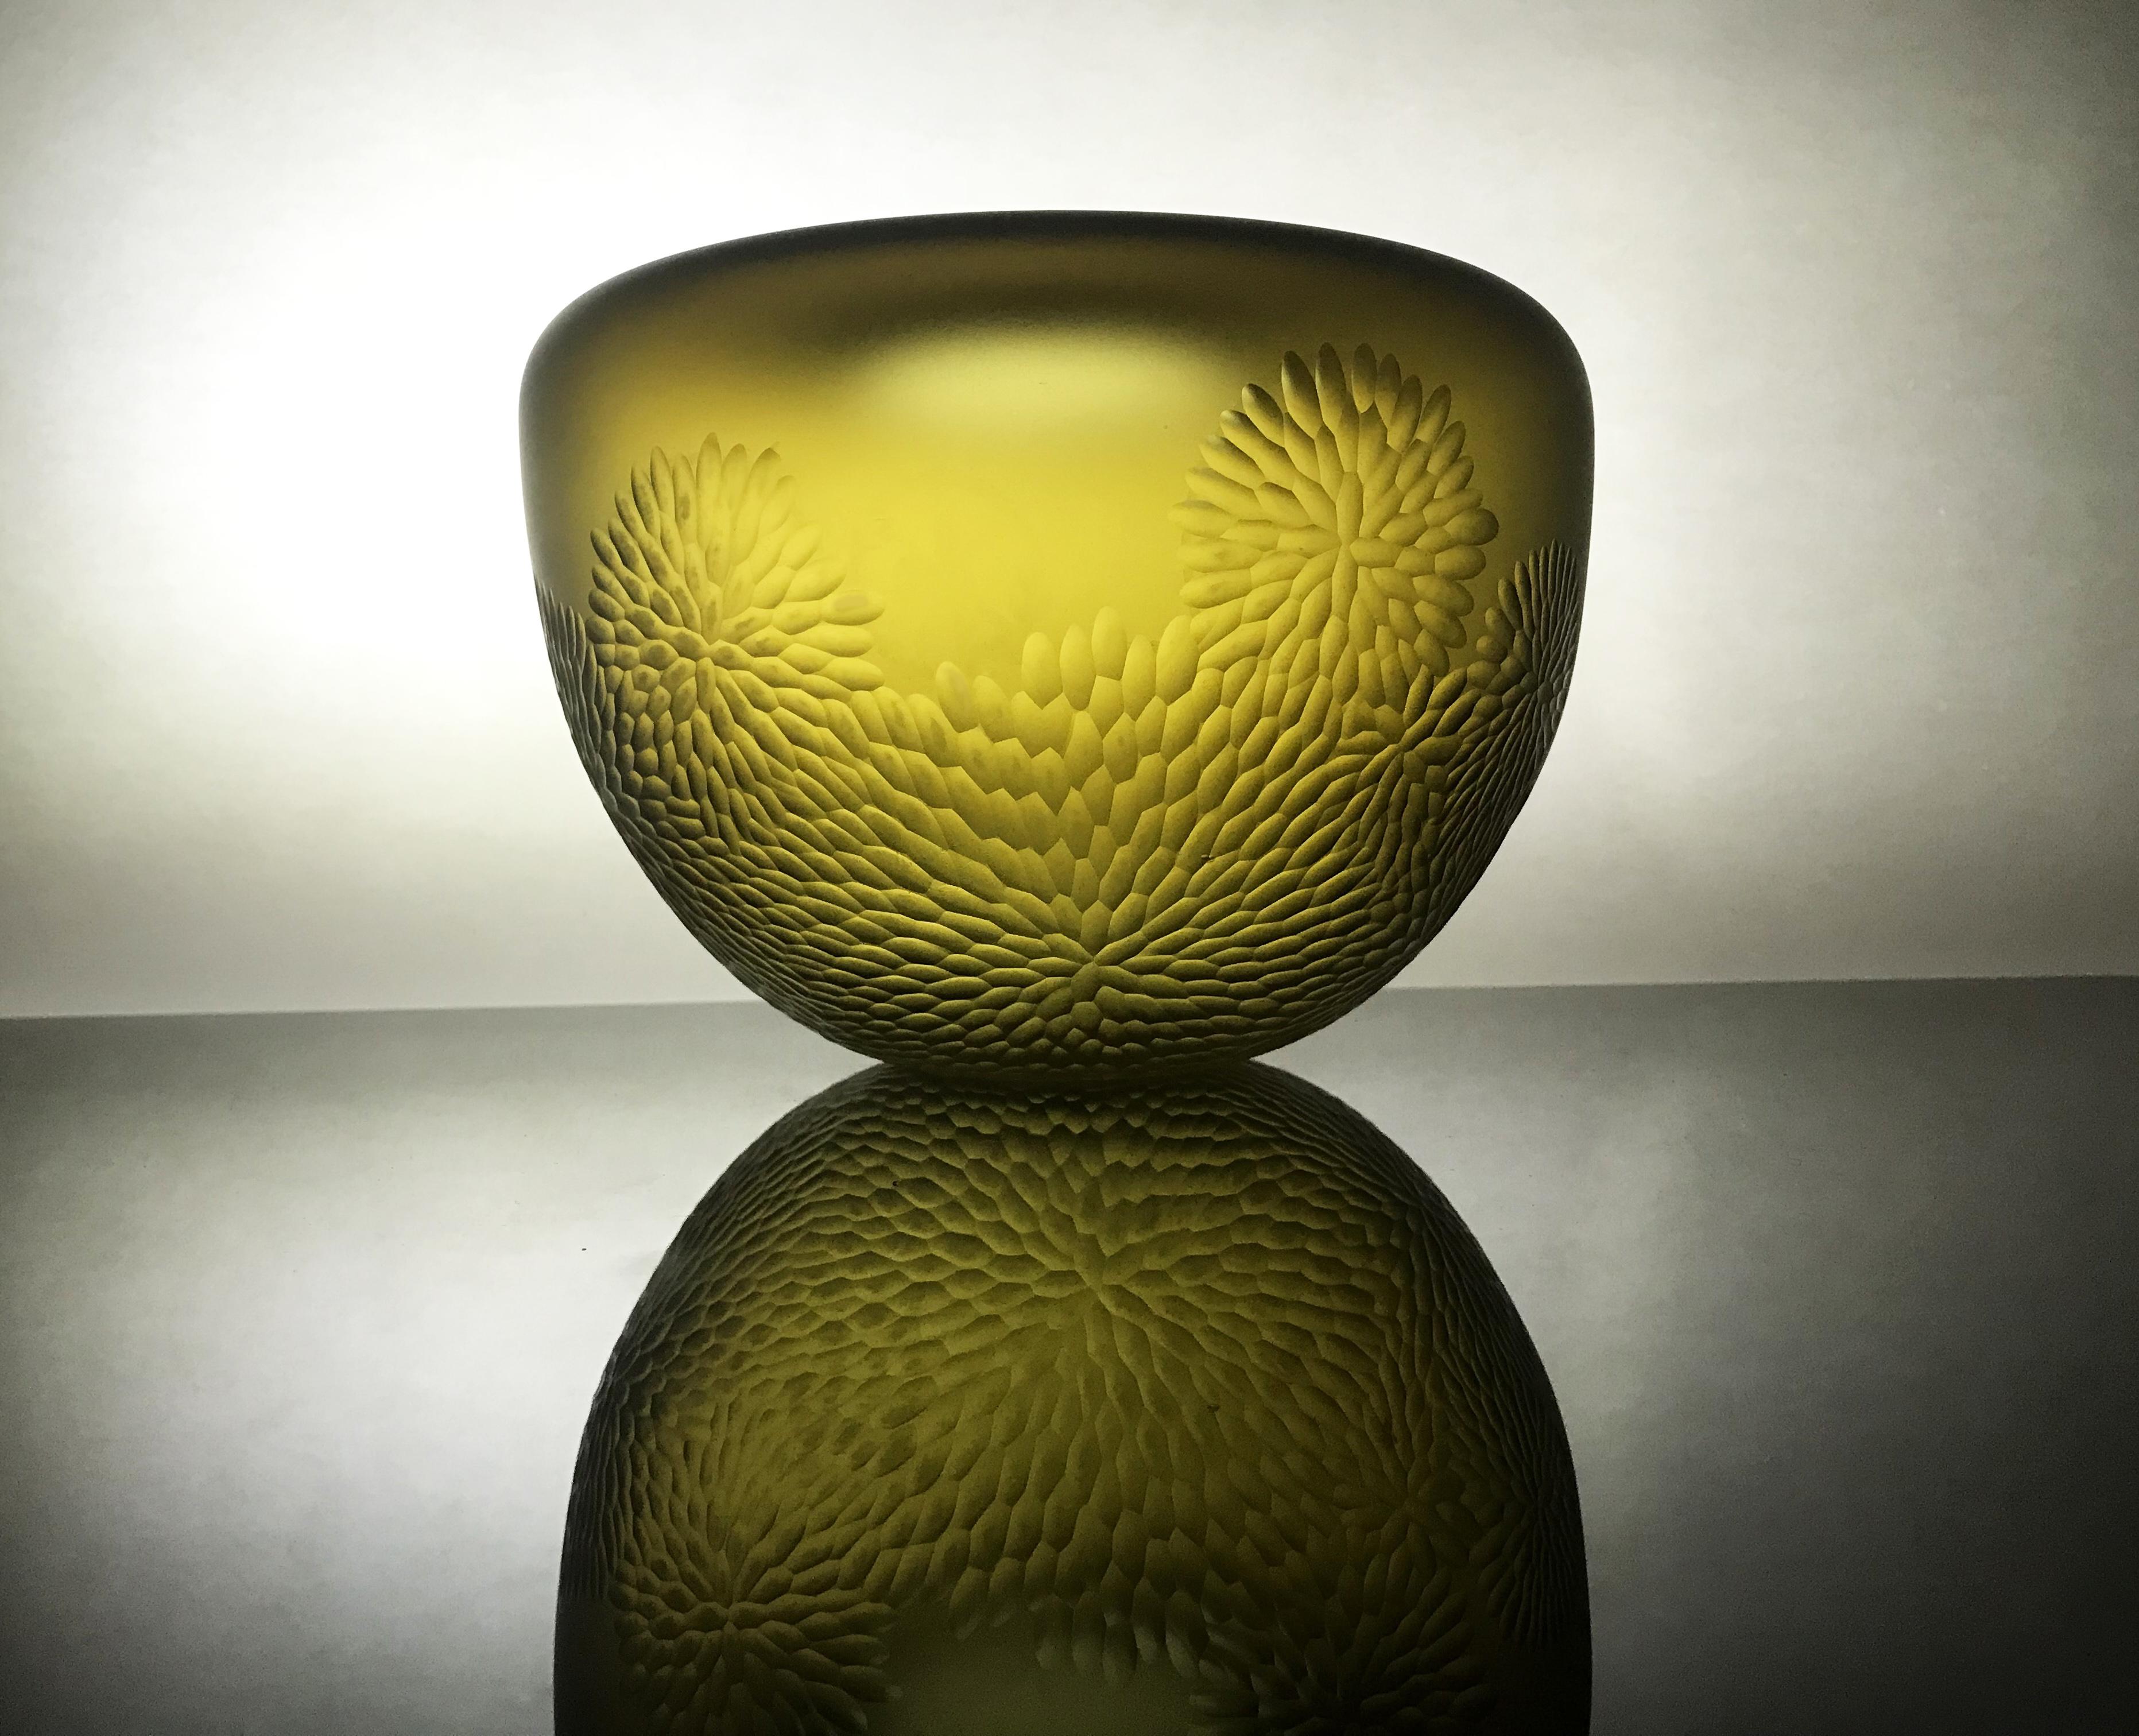 Fossilised Amber Vessel